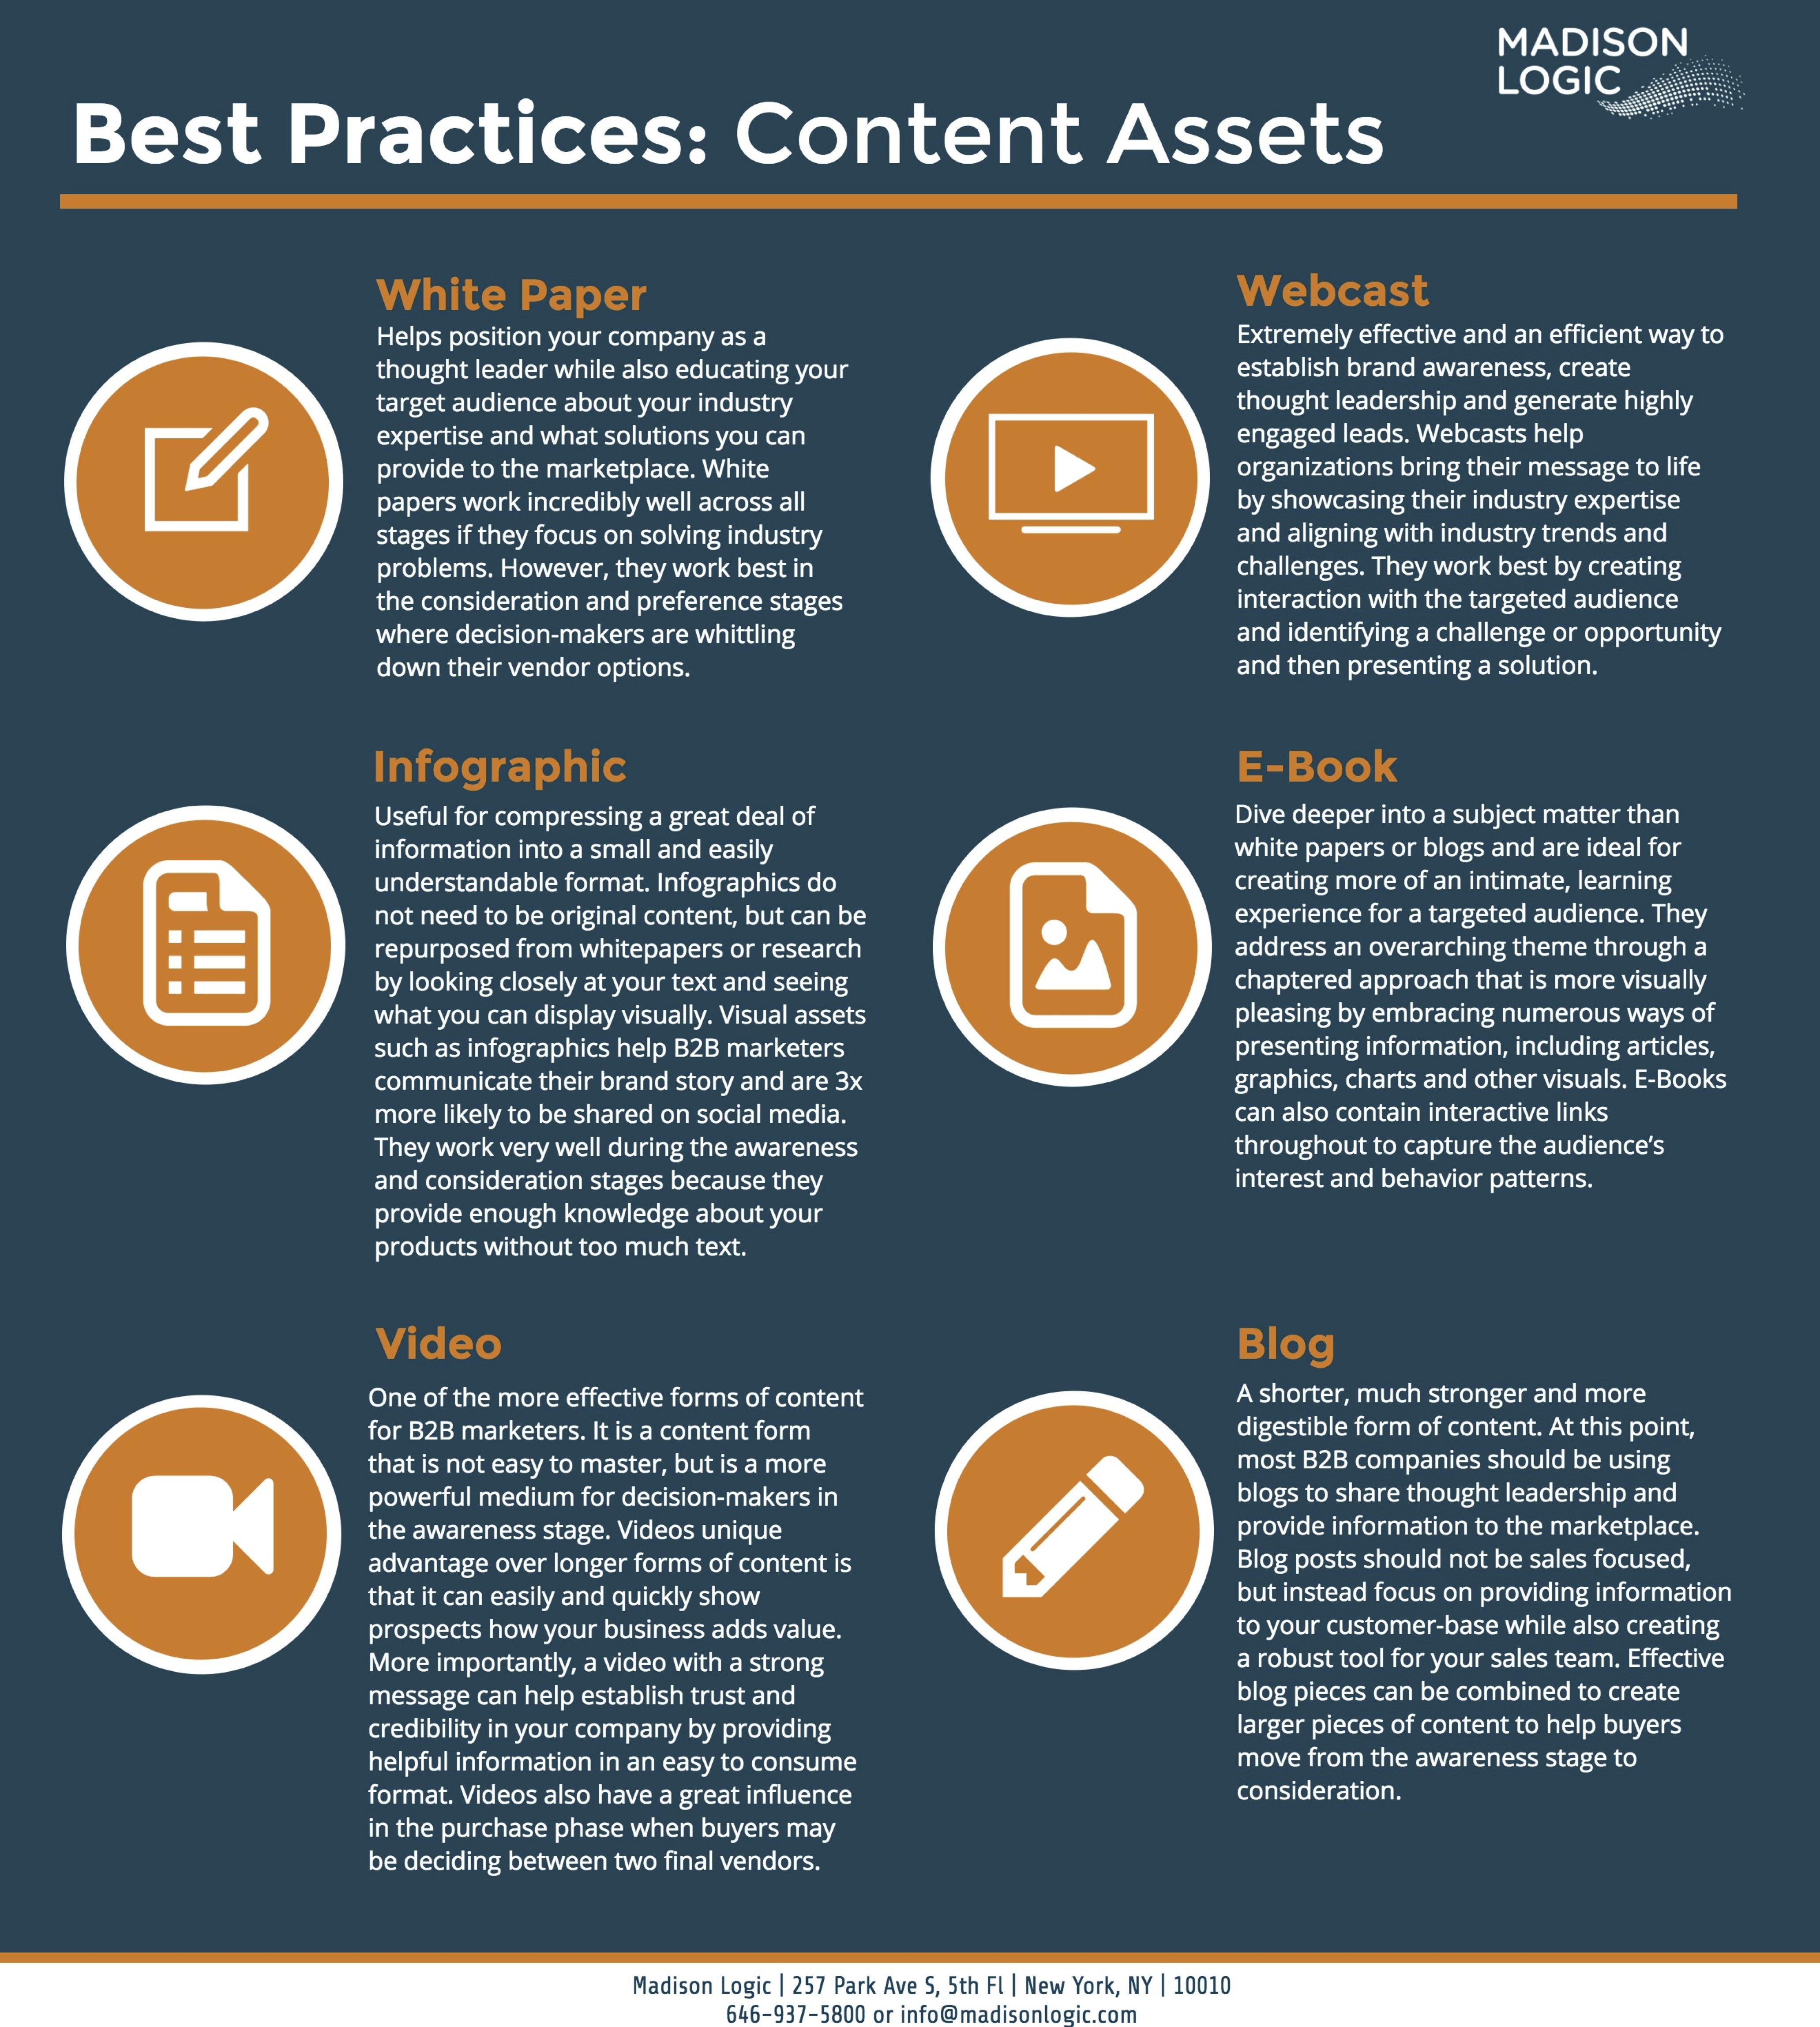 Best Practices: Content Assets